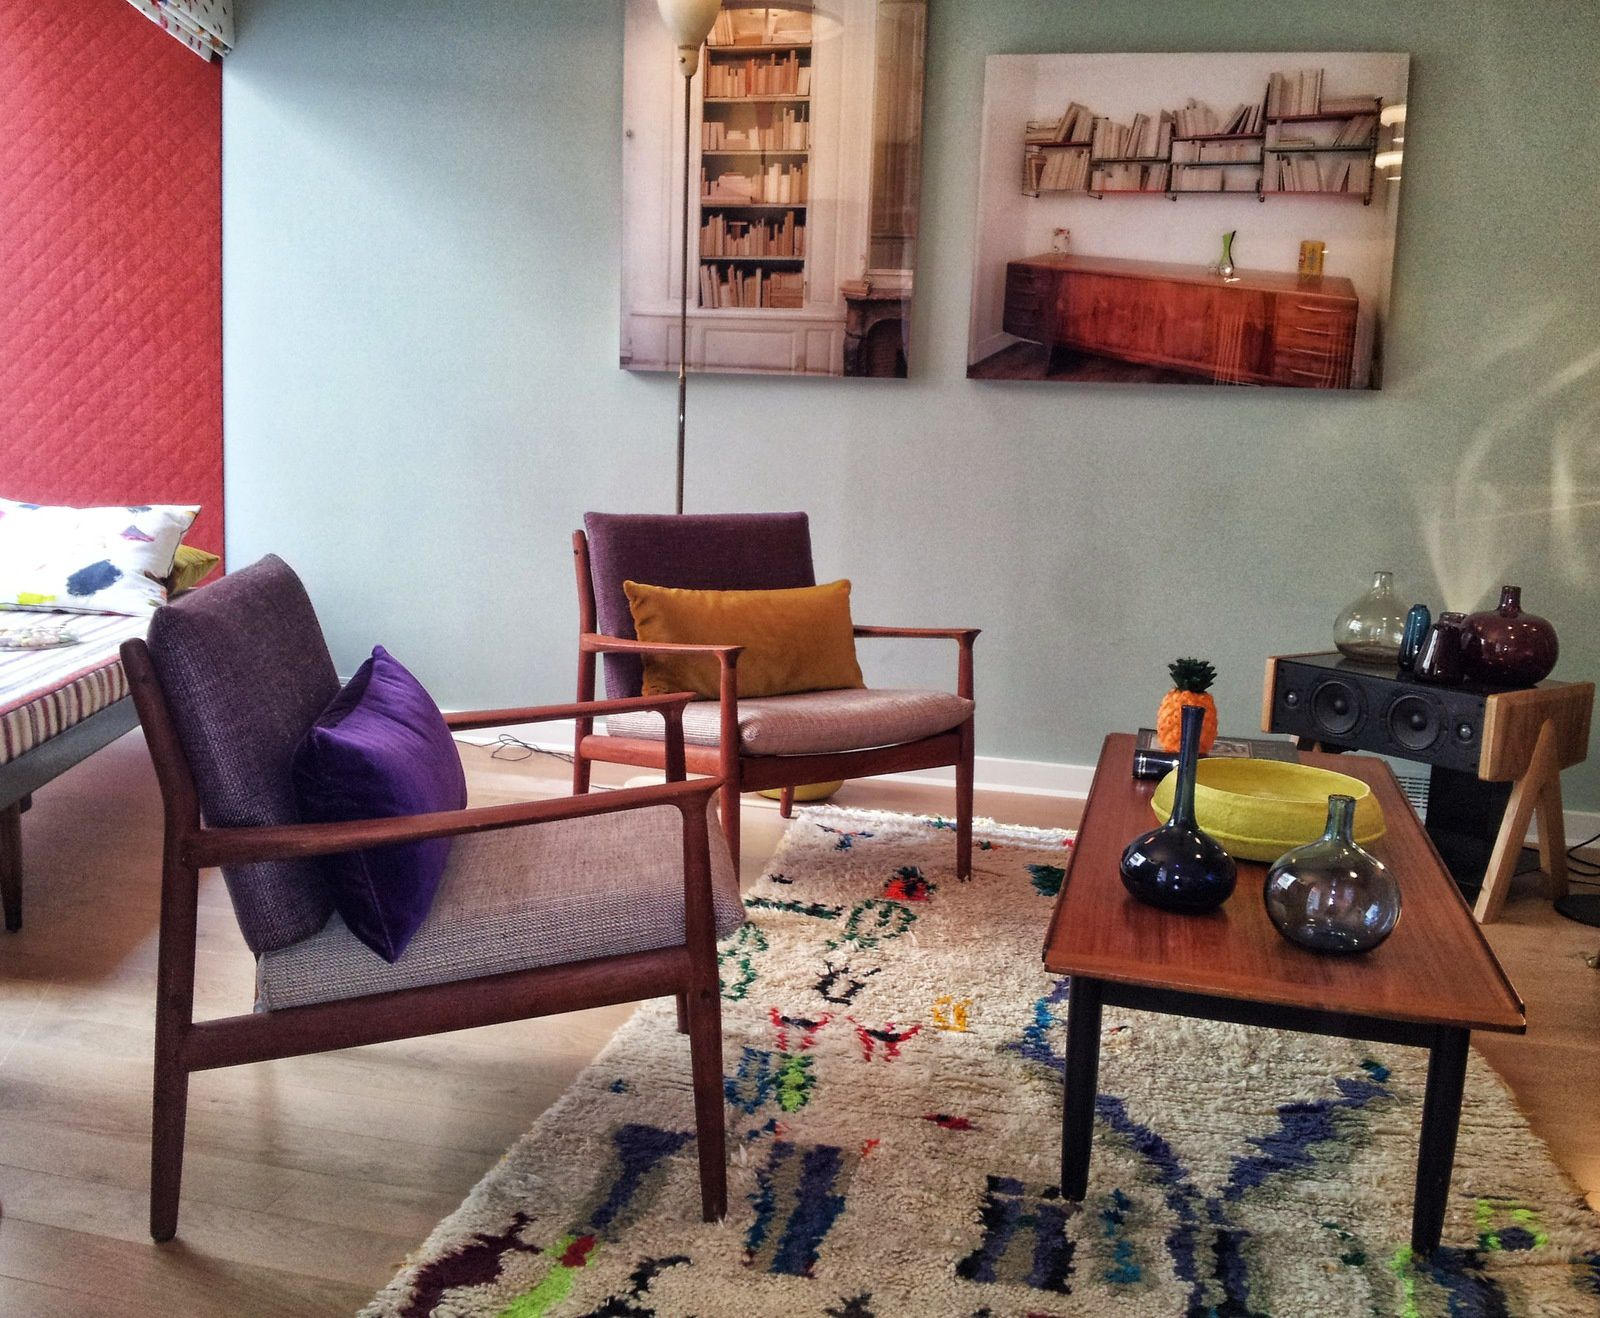 les carnets d 39 atelier de virginie tapissier d corateur je vous propose de d couvrir l 39 envers. Black Bedroom Furniture Sets. Home Design Ideas